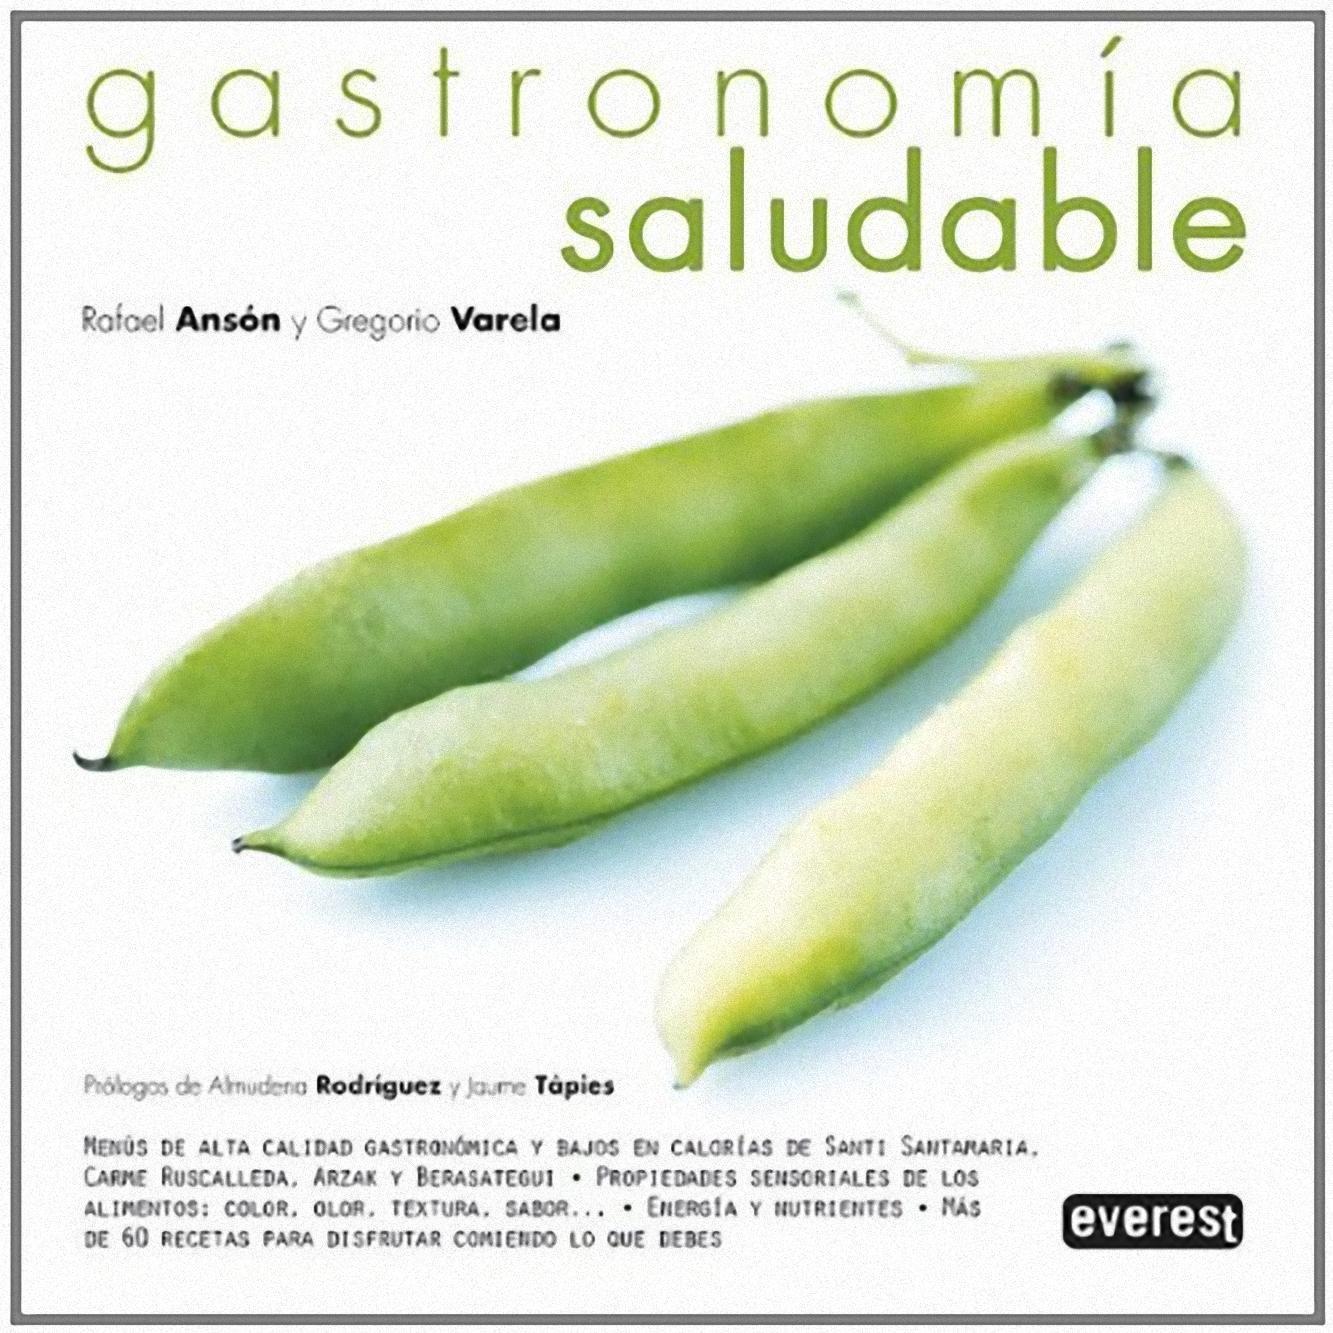 Gastronomía Saludable (2)